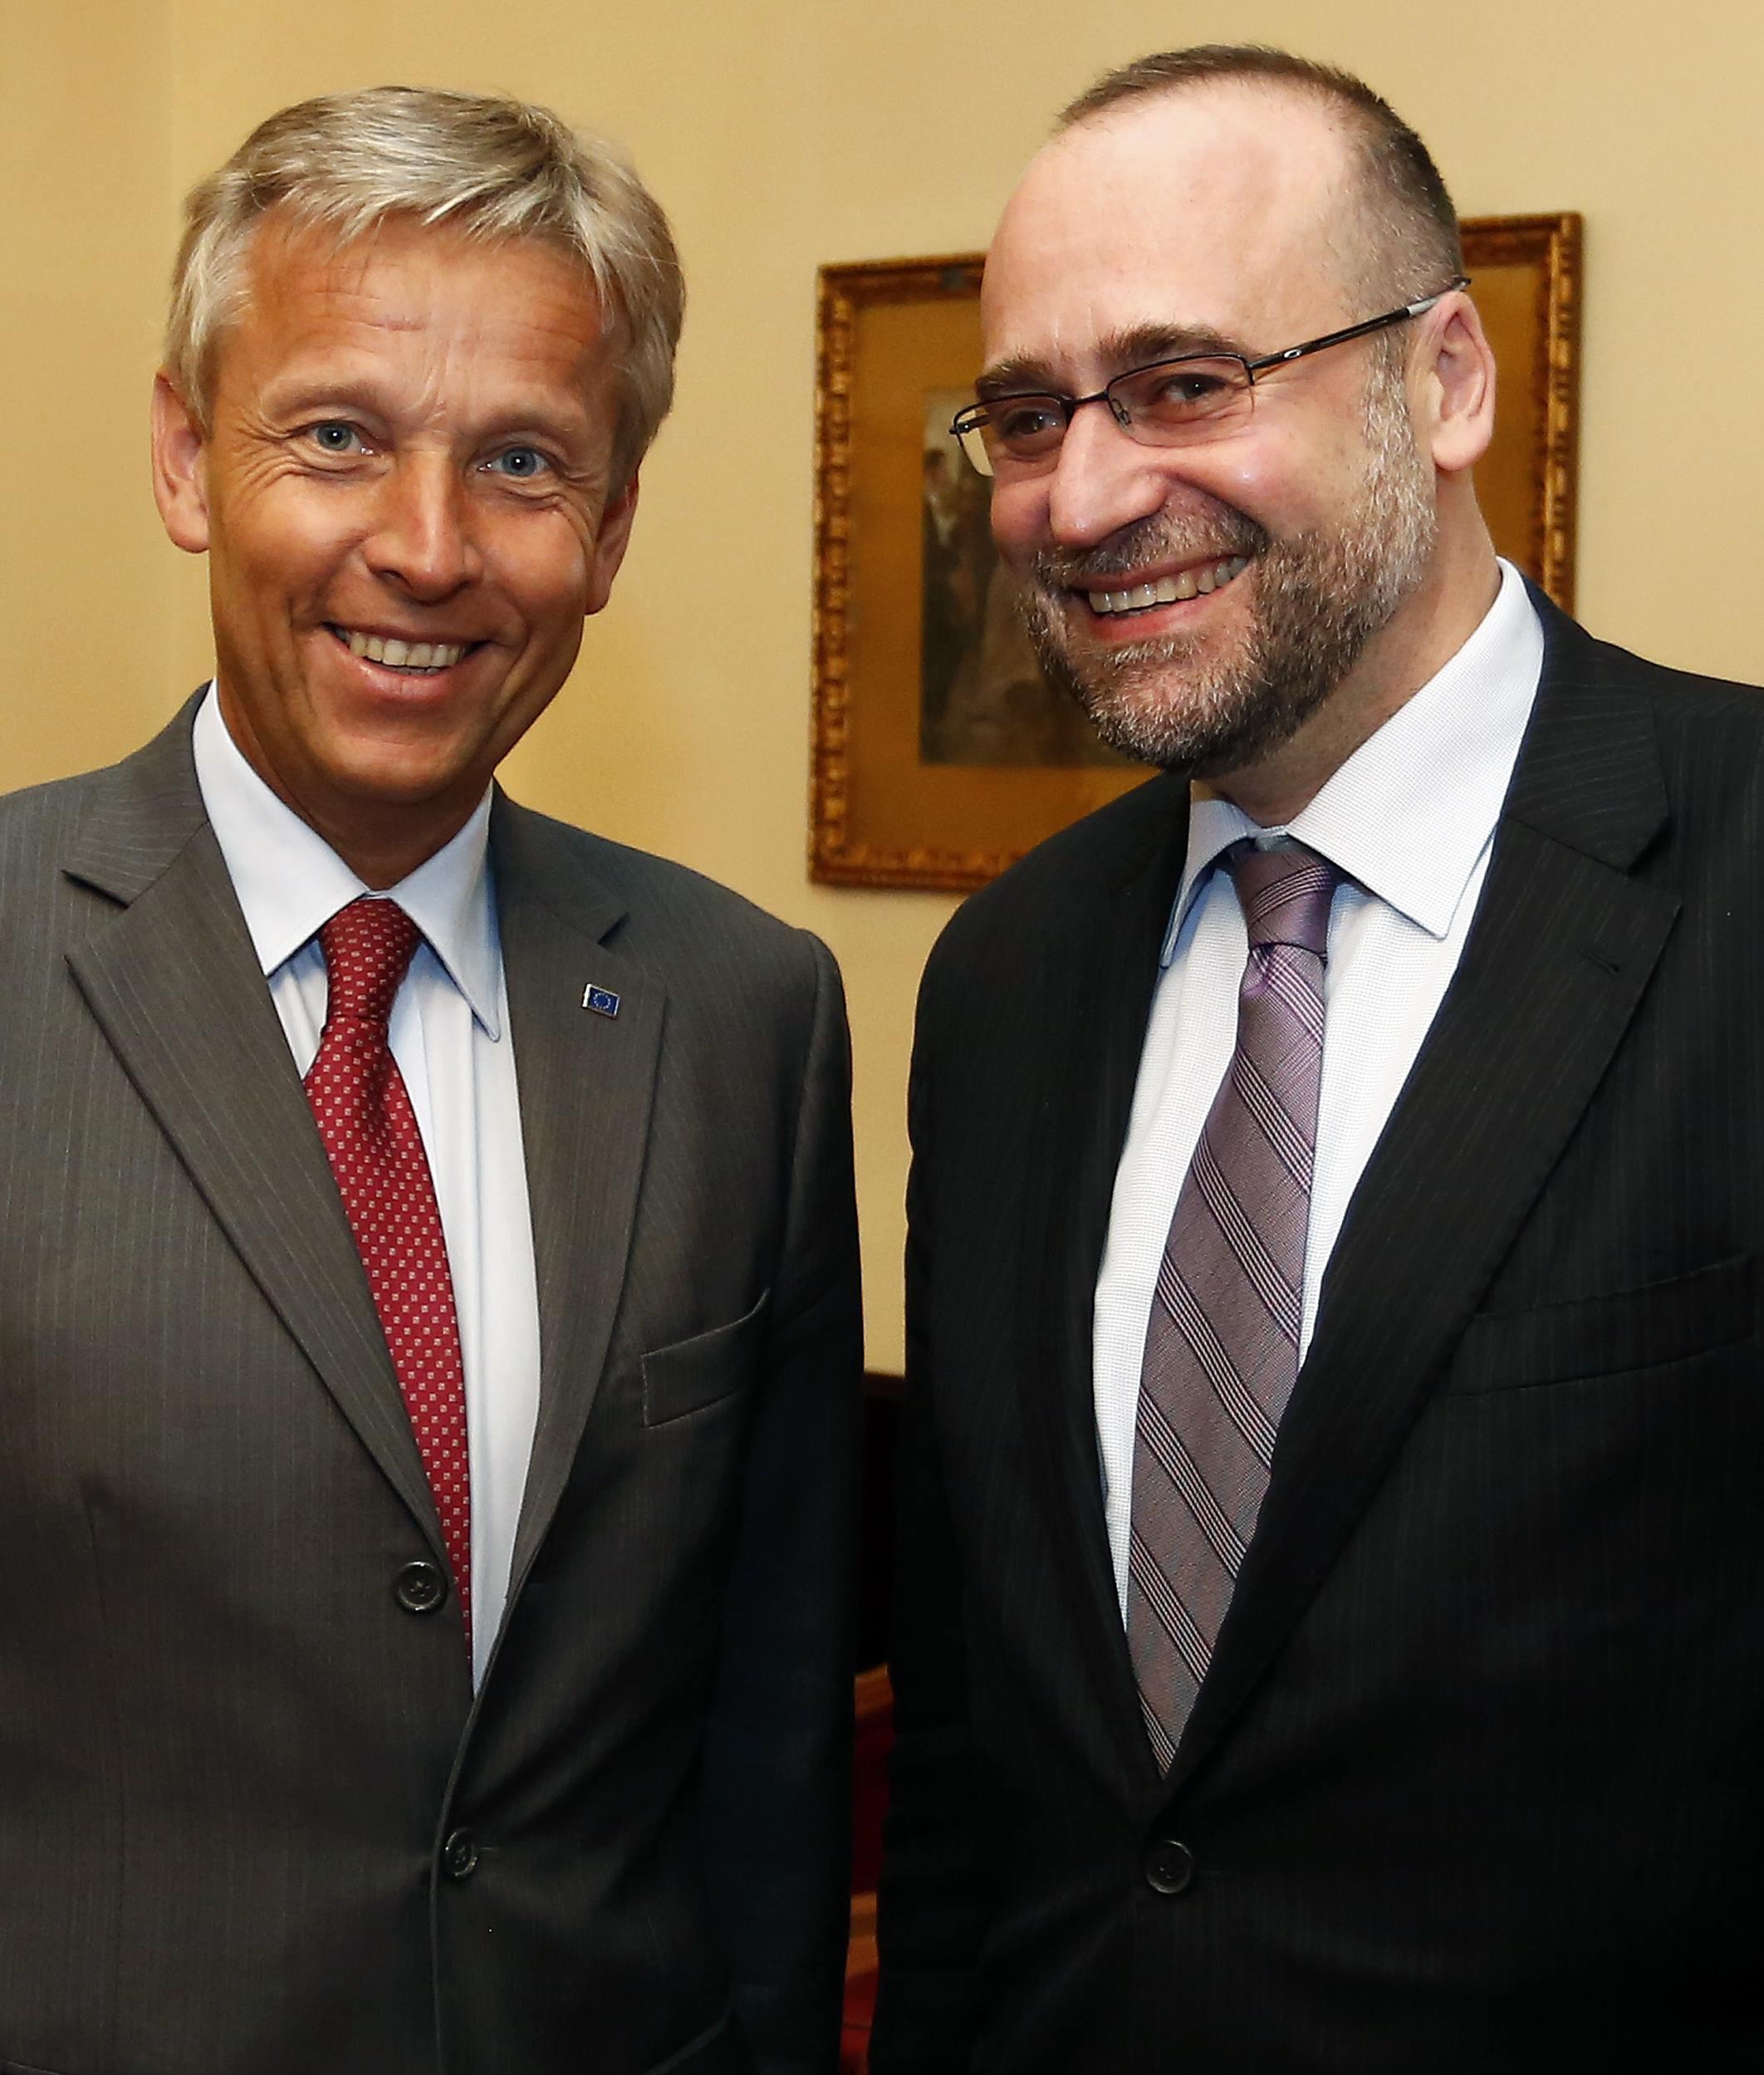 (c) BMEIA, STS Lopatka und slowakischer STS Peter Javorcik